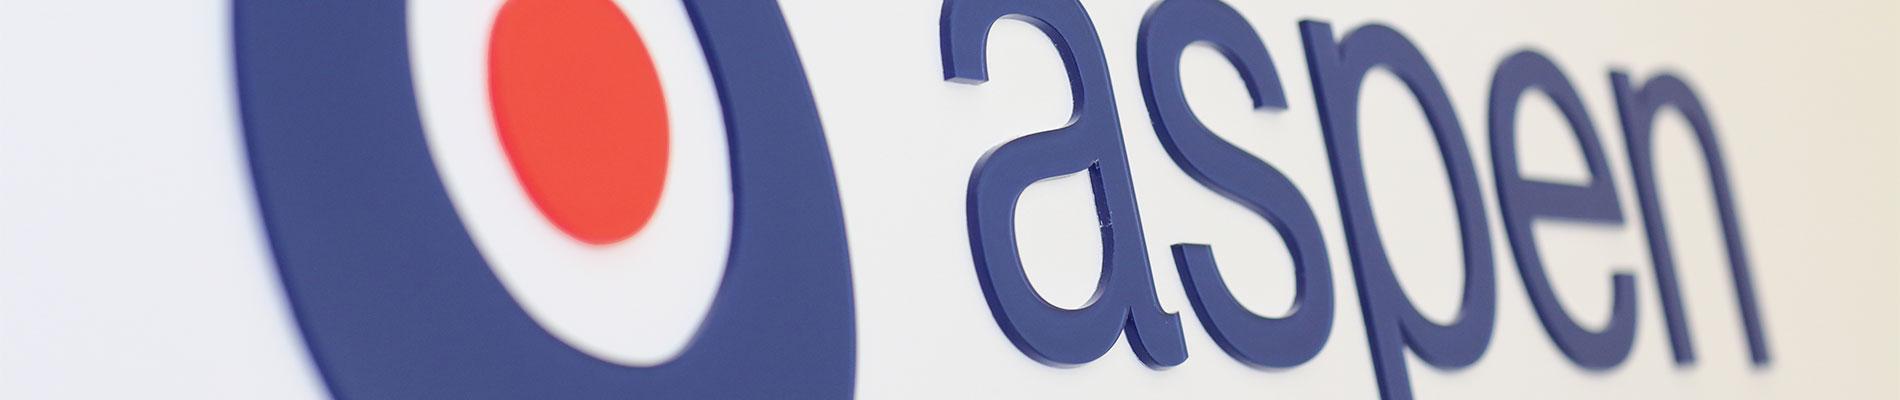 ueber_aspen_header-image